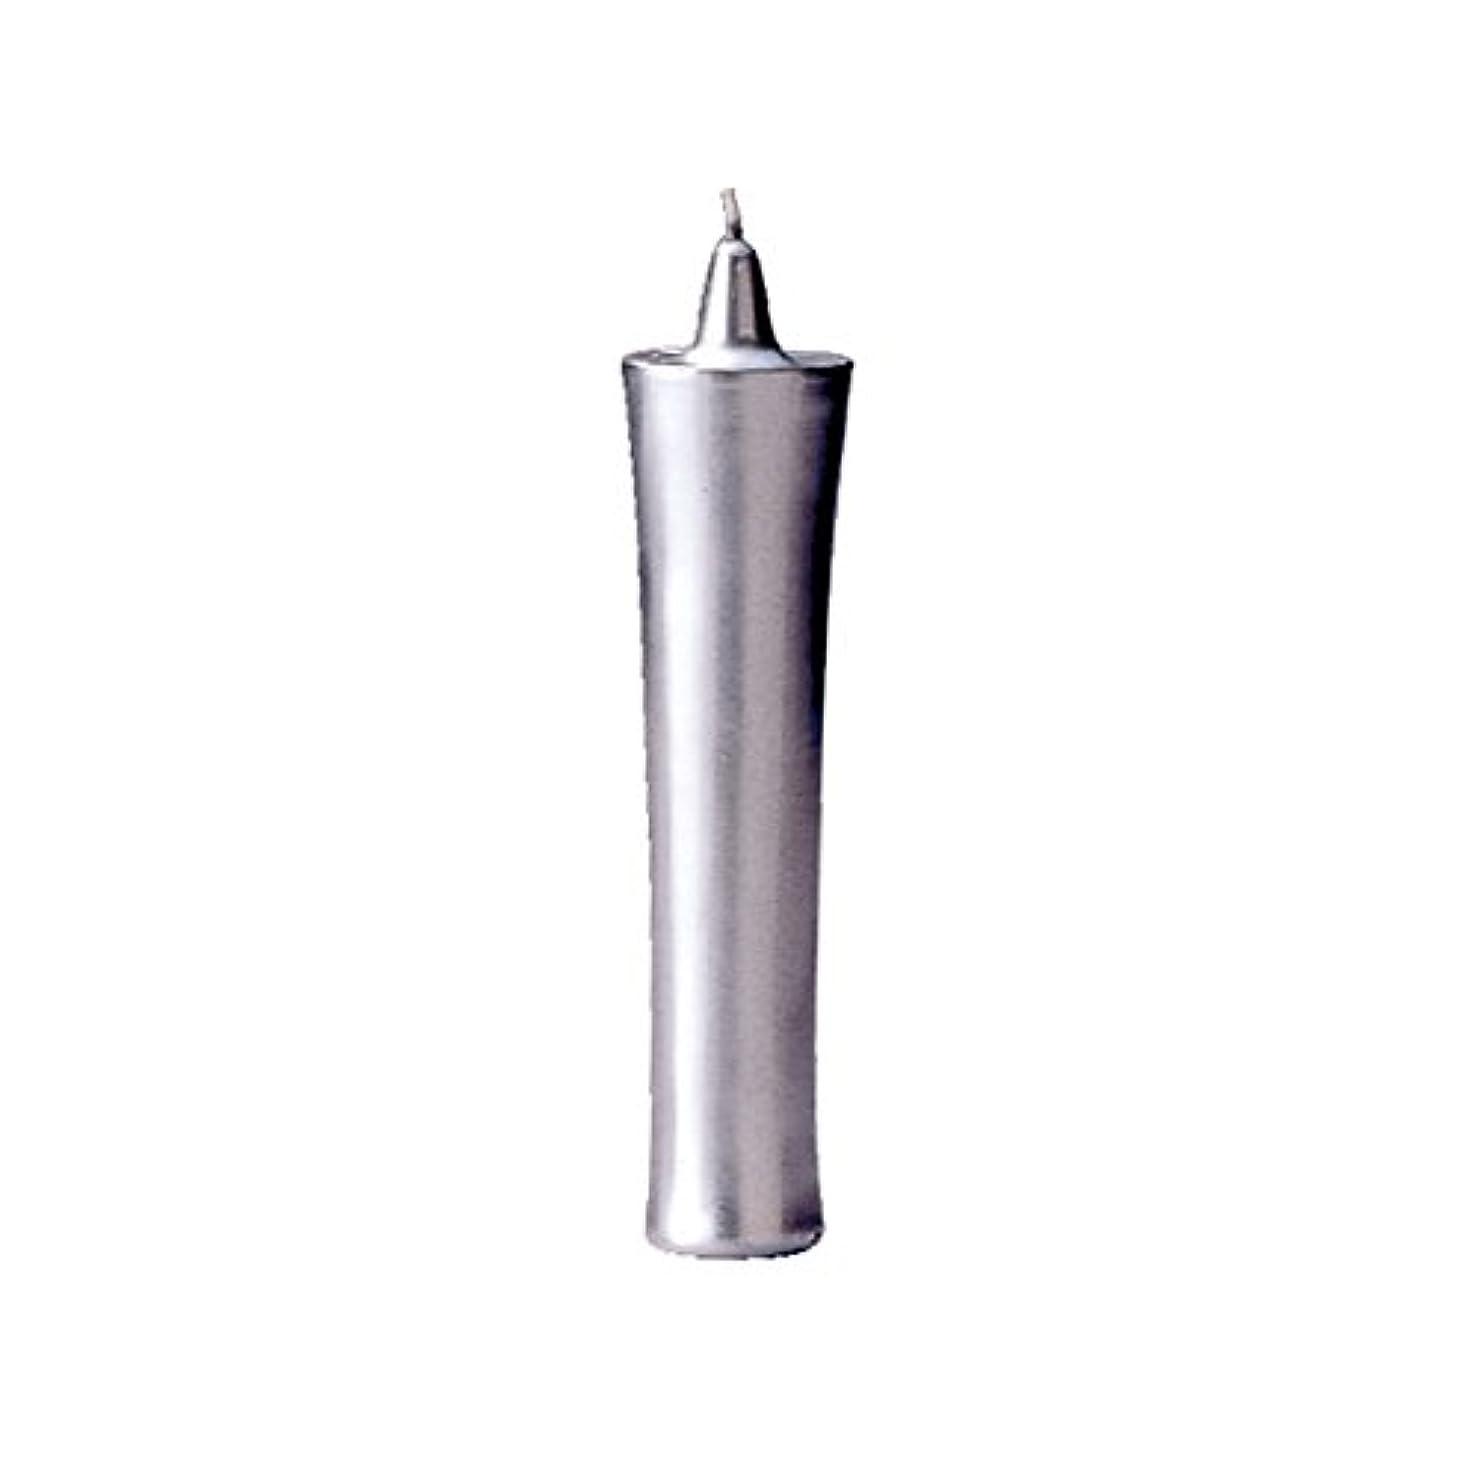 ニコチン真向こうリーダーシップカメヤマ 和ロー型(C)銀 22cm (1セット)